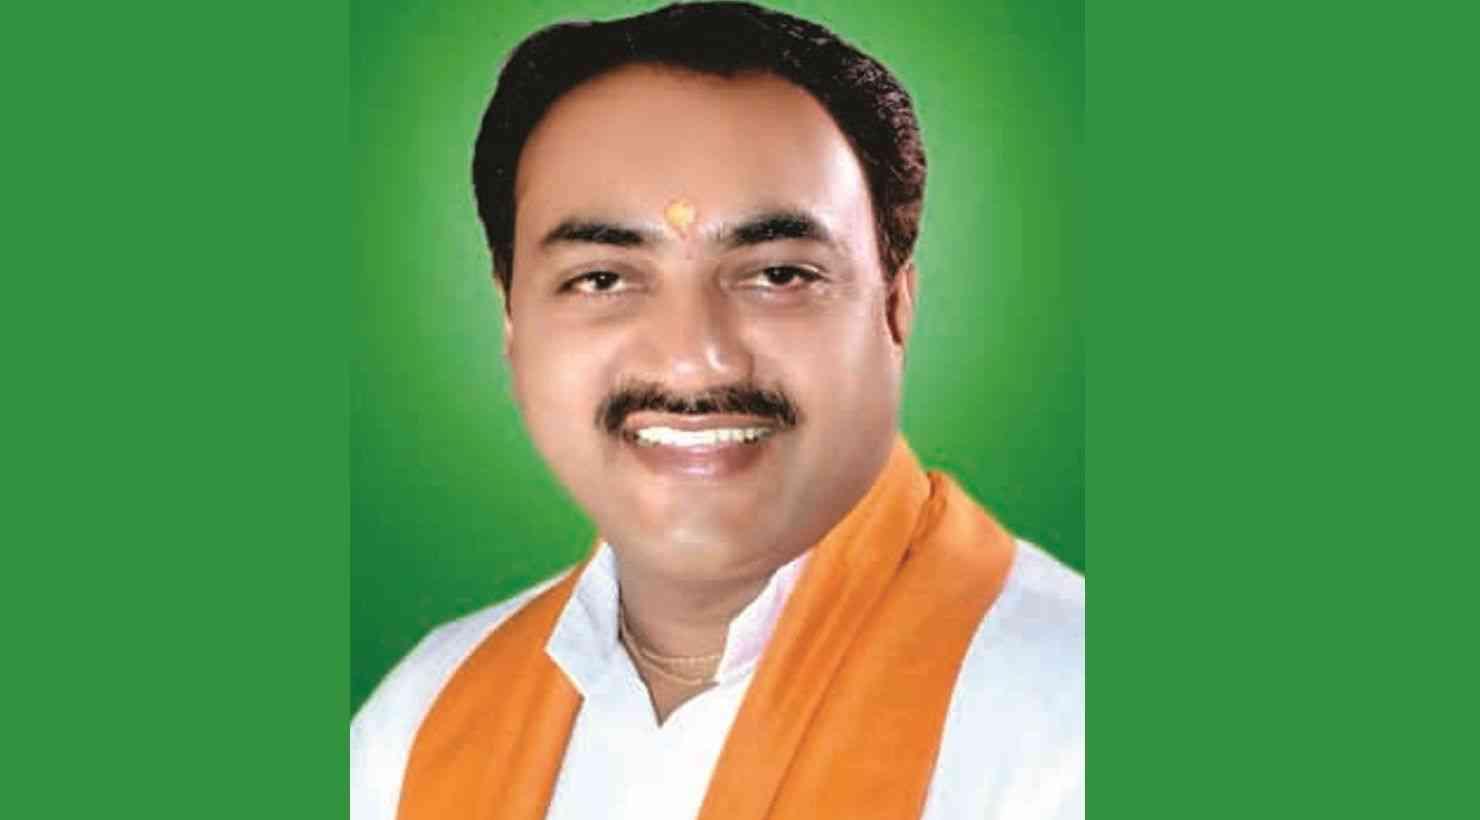 Brajendra Pratap Singh Panna